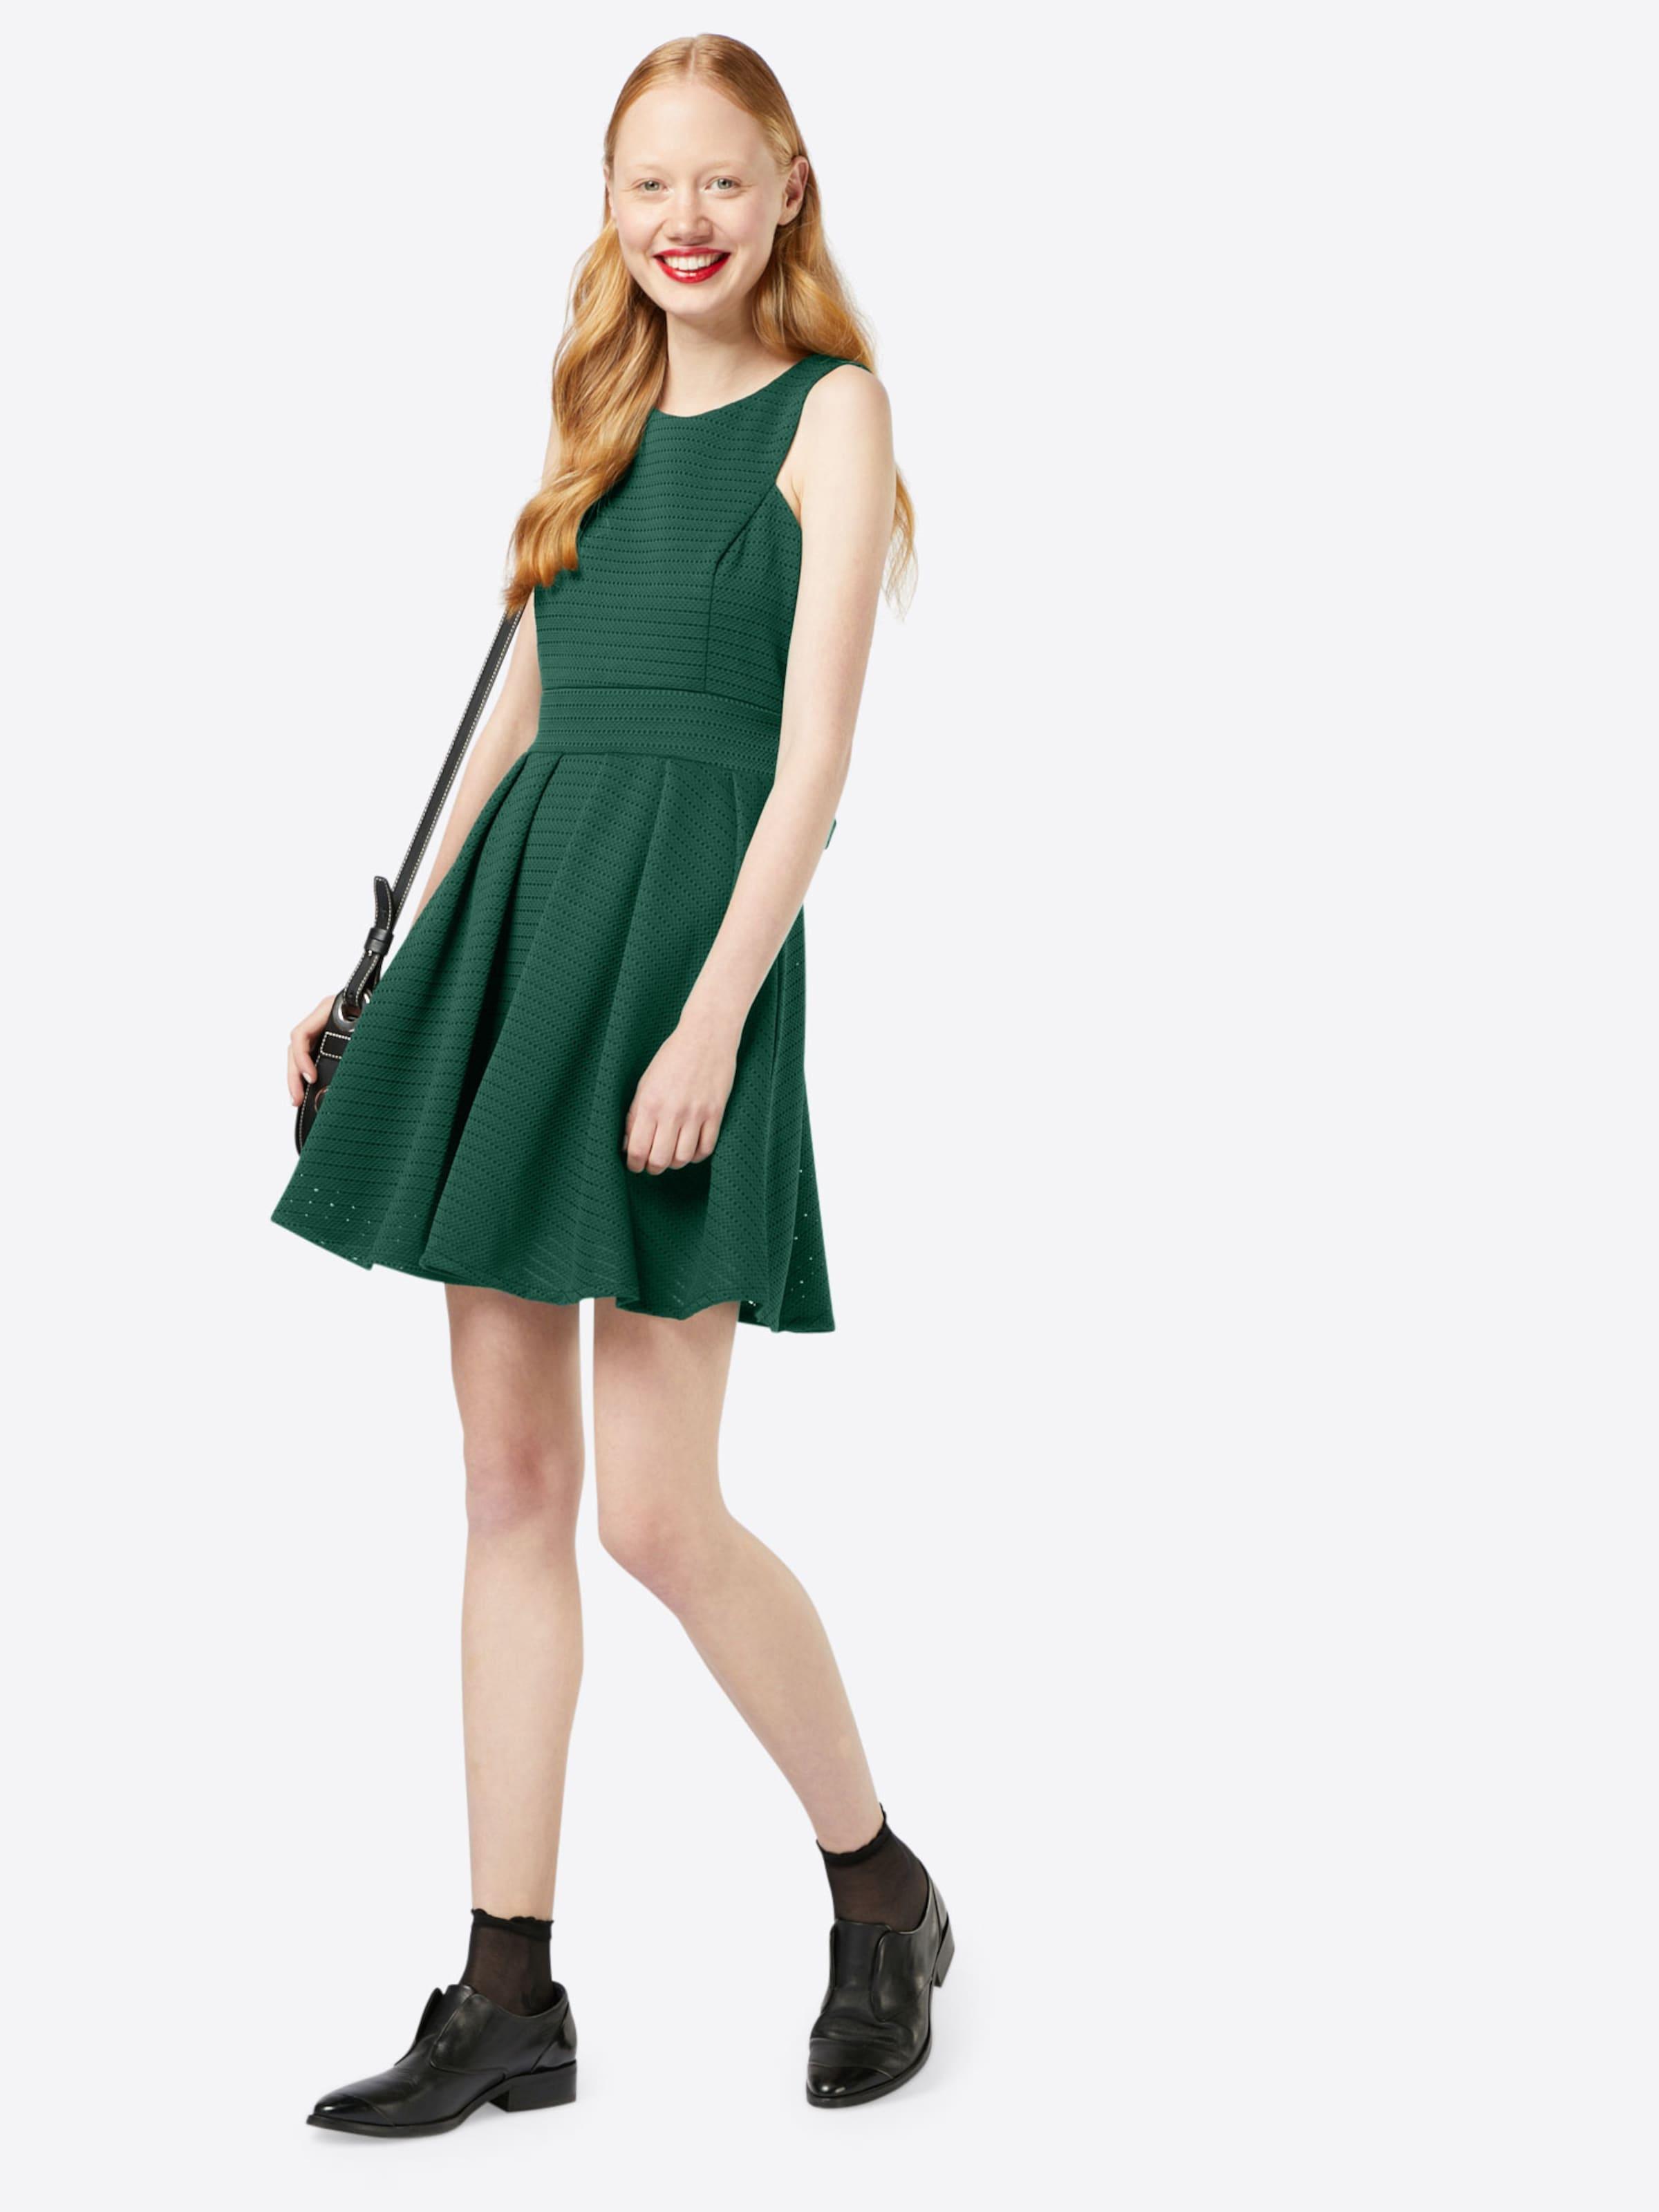 WAL G. Ausgestelltes Kleid mit Lochmuster Freies Verschiffen Veröffentlichungstermine Auslass Schnelle Lieferung Gutes Verkauf Günstig Online Outlet-Store Freies Verschiffen Angebote rf7YxTEfj5